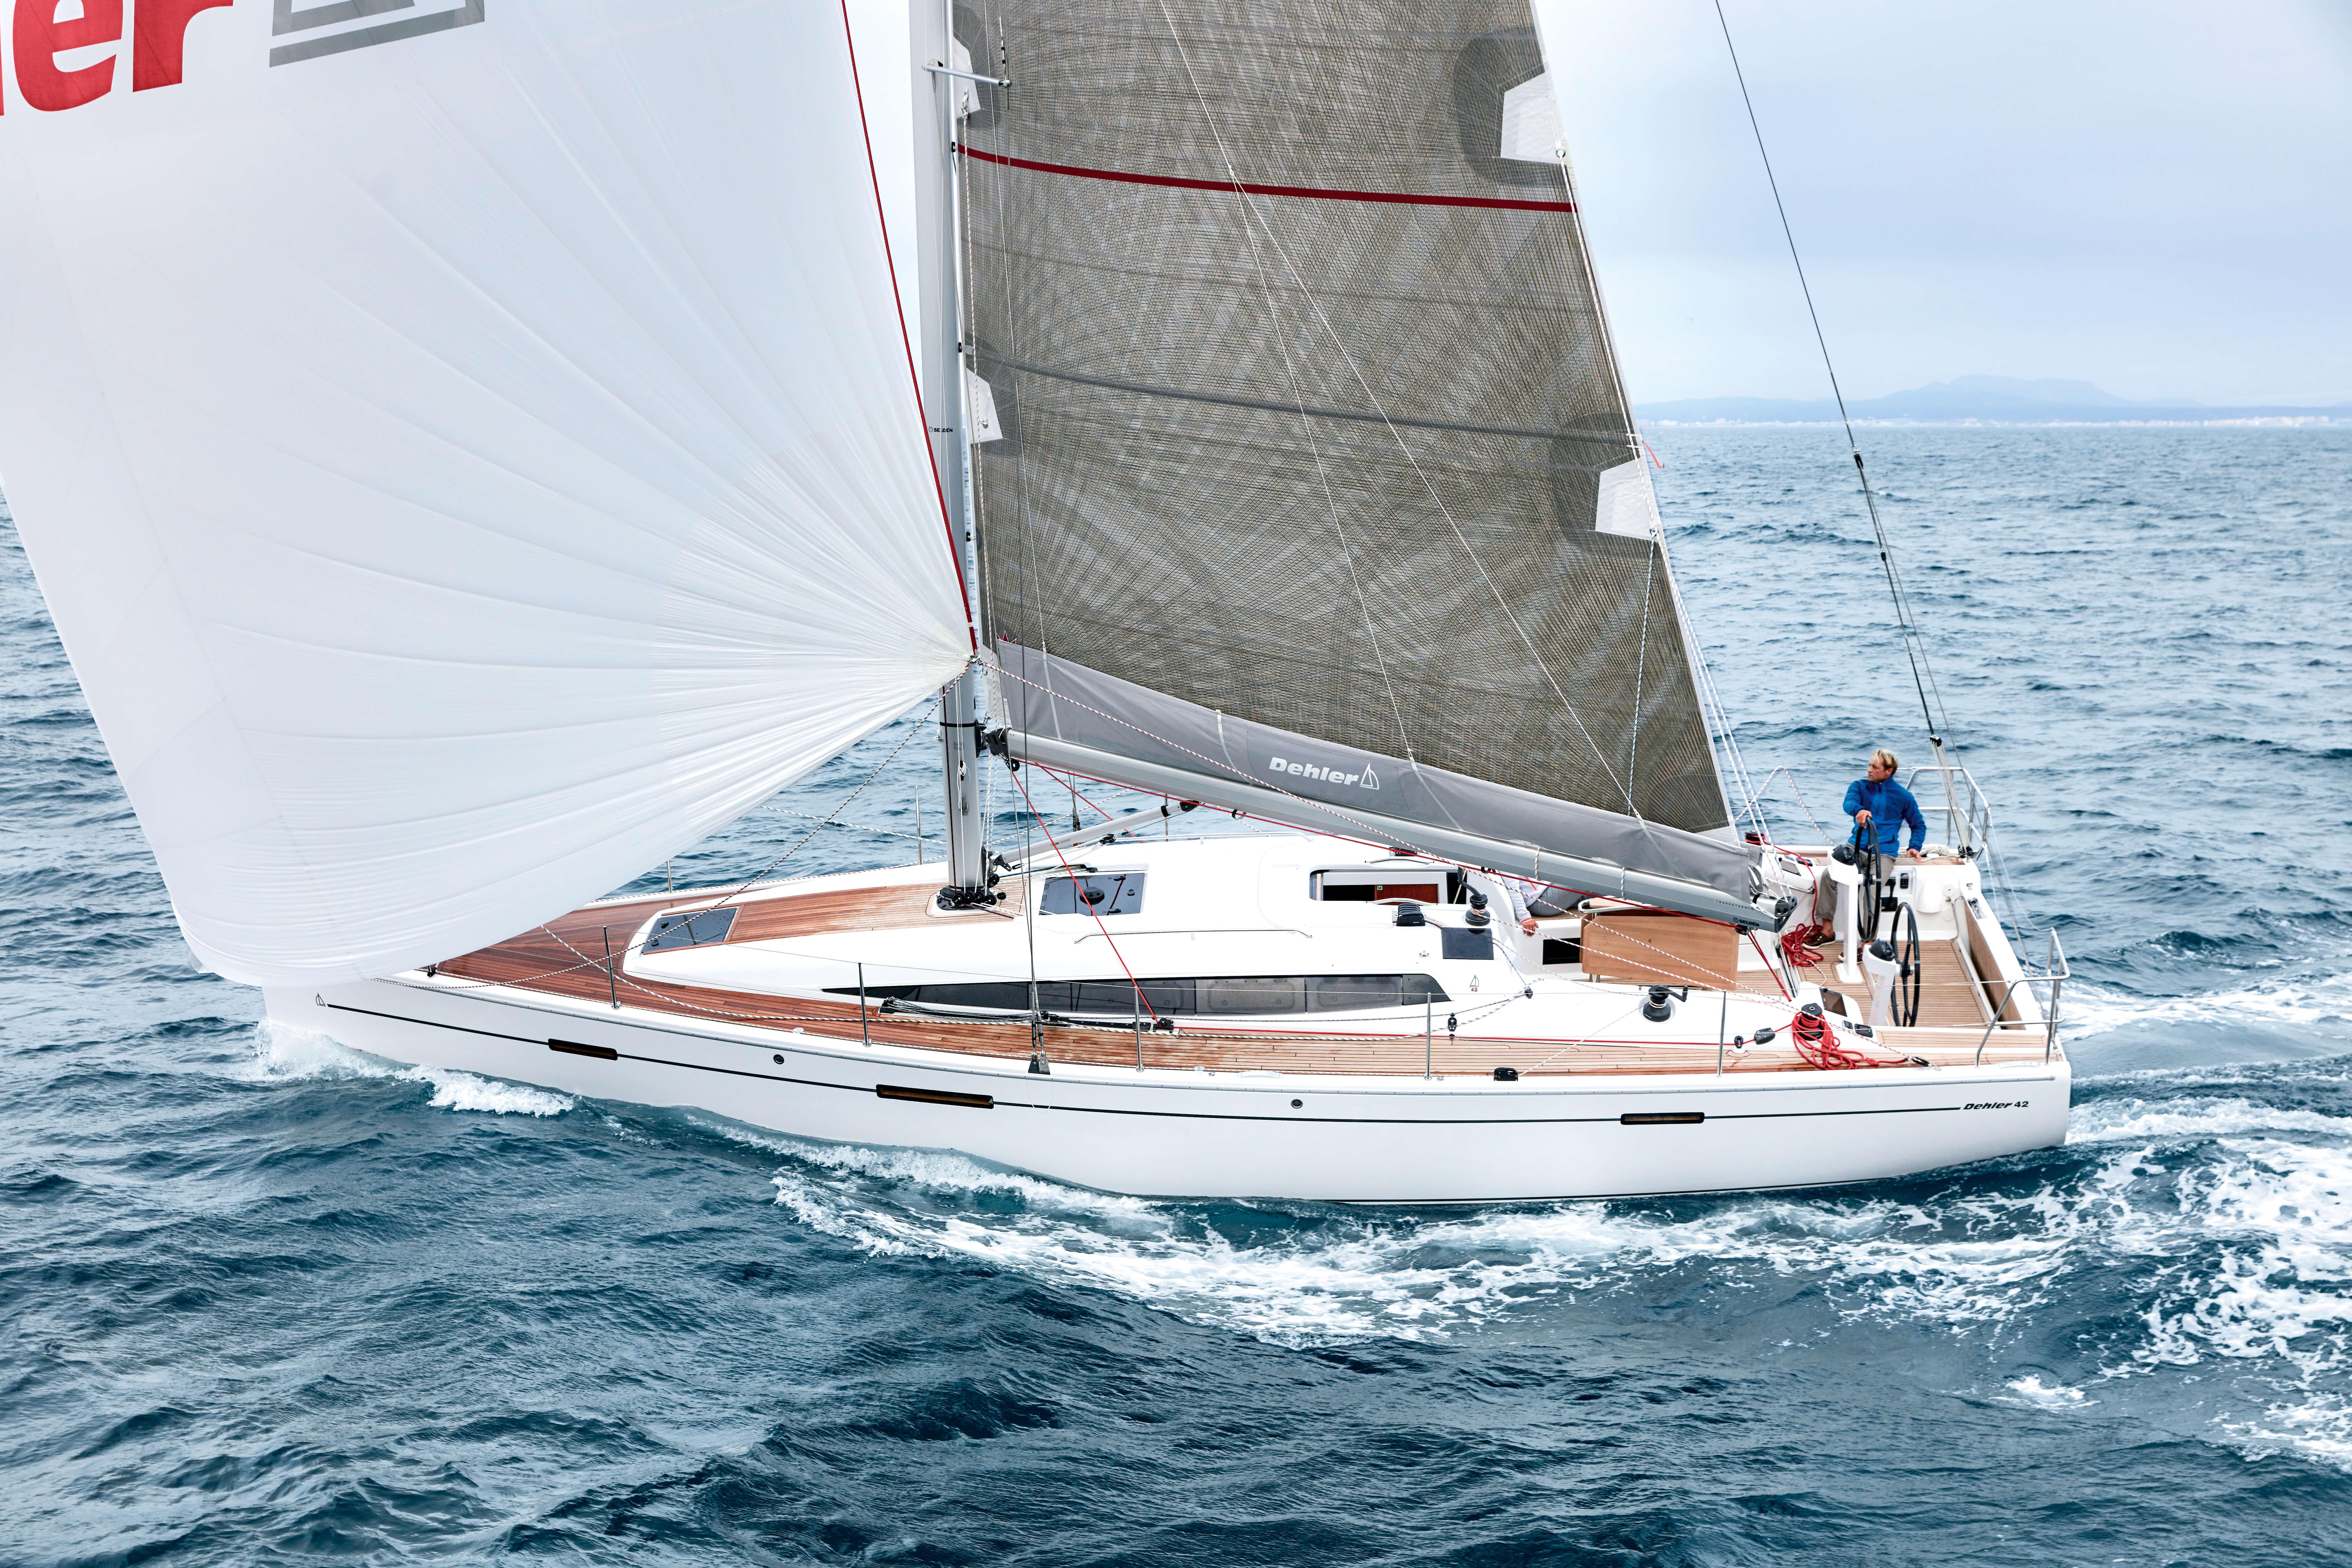 Dehler 42 Exterior Sailing | Dehler 42_Segeln_01_0516_P3A2944.jpg | Dehler